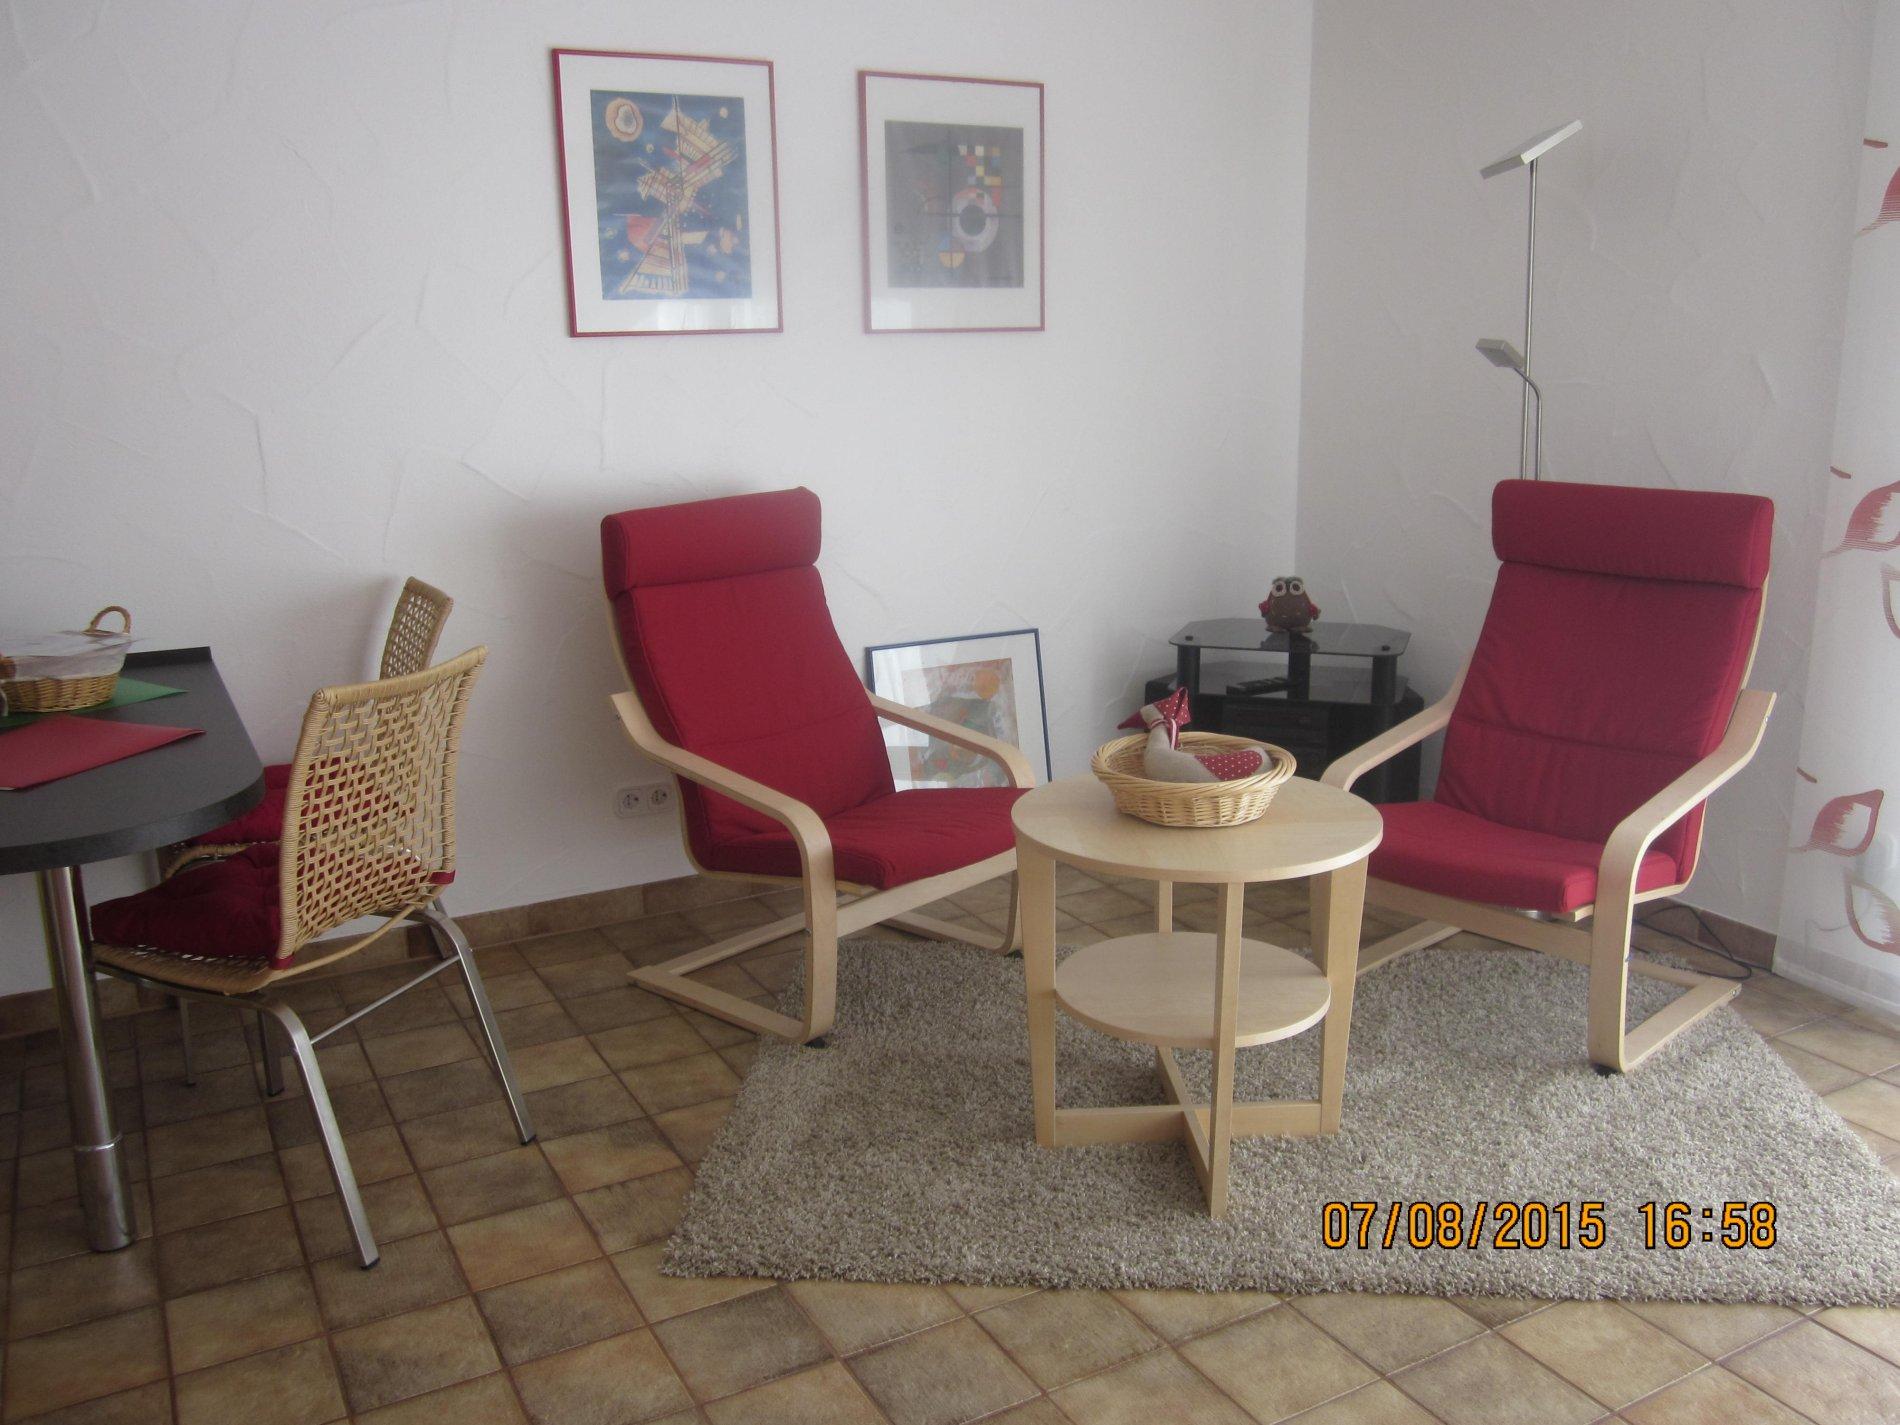 Zwei rote Sessel mit Couchtisch und hellem Teppich